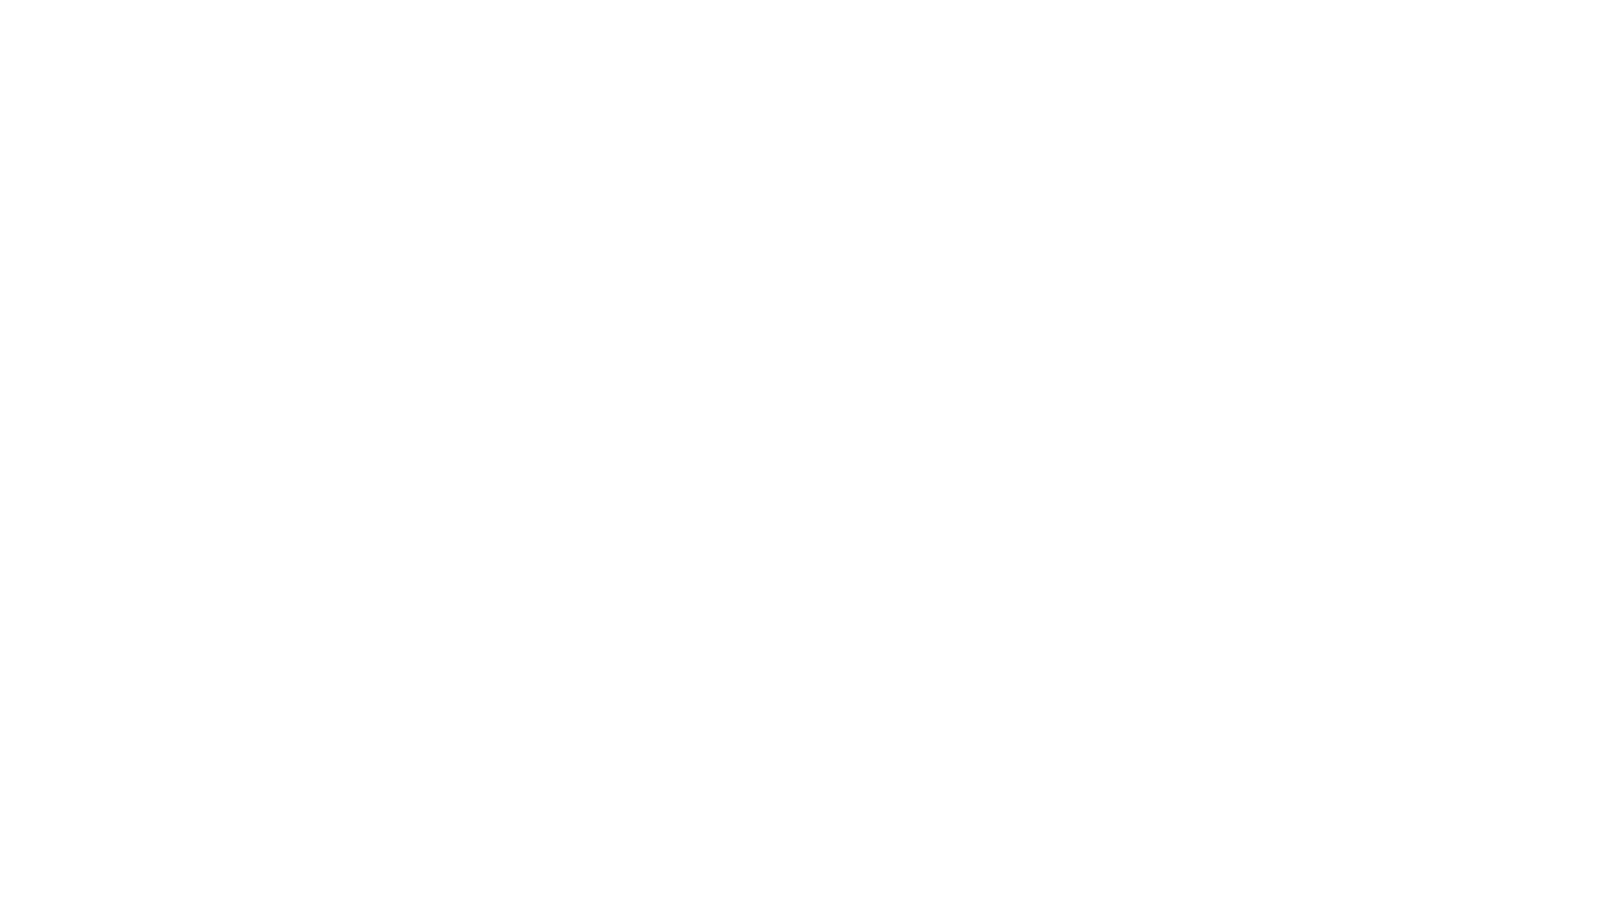 🧩  Marrazki koloretsuetan eta irudimenean oinarrituta, haurrentzako euskaraz sortutako bideo-joko berria da Kokojokoa!  Eider Eibar Galdakaon bizi den bilbotarrak eta Iskander Sagarminaga galdakoztarrak sortu dute; eta Kokoak bien egitasmoaren proiektu nagusia da Kokojokoa! Eurek azaldu digute hobeto!  ▶️  Jokoa deskargatzeko 👉  https://kokoak.eus/kokojokoa